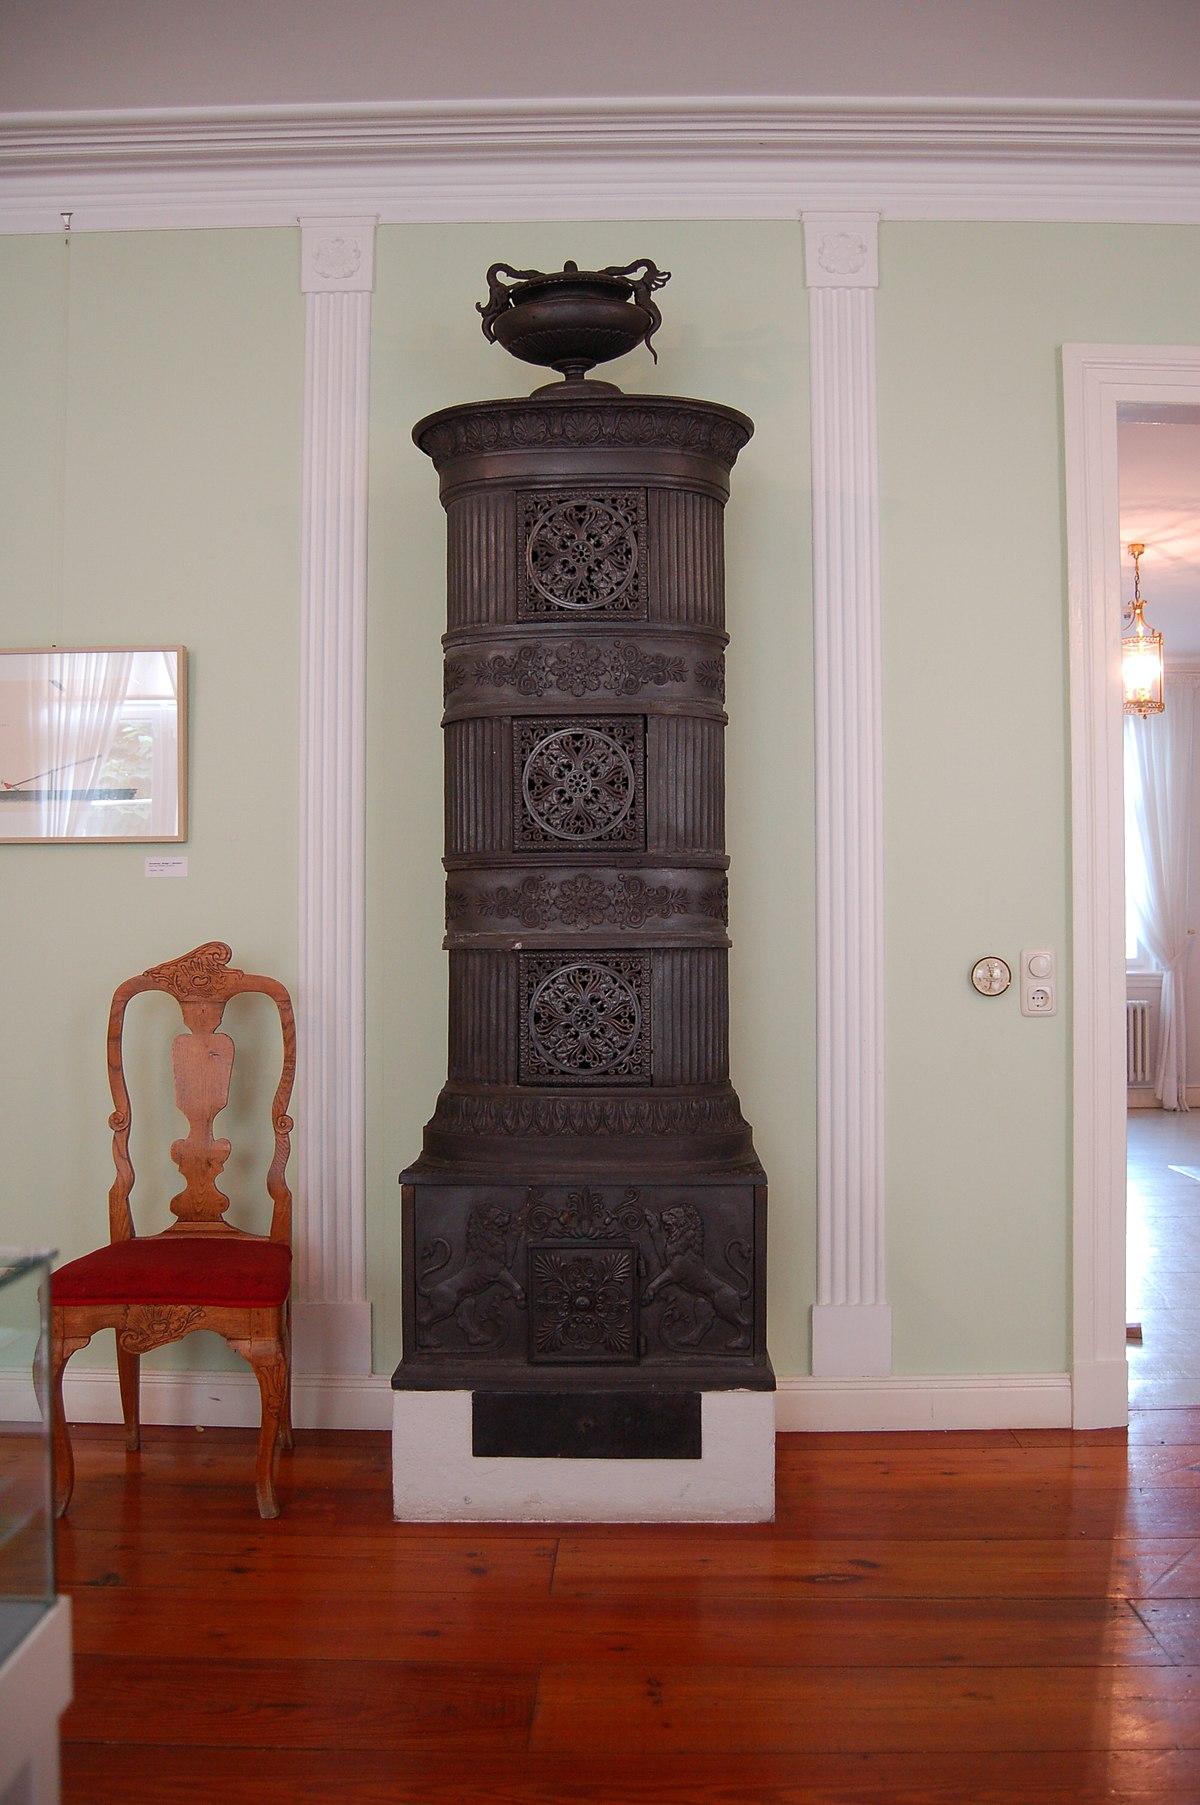 beistellofen k che k chenofen test vergleich k chenofen g nstig kaufen. Black Bedroom Furniture Sets. Home Design Ideas